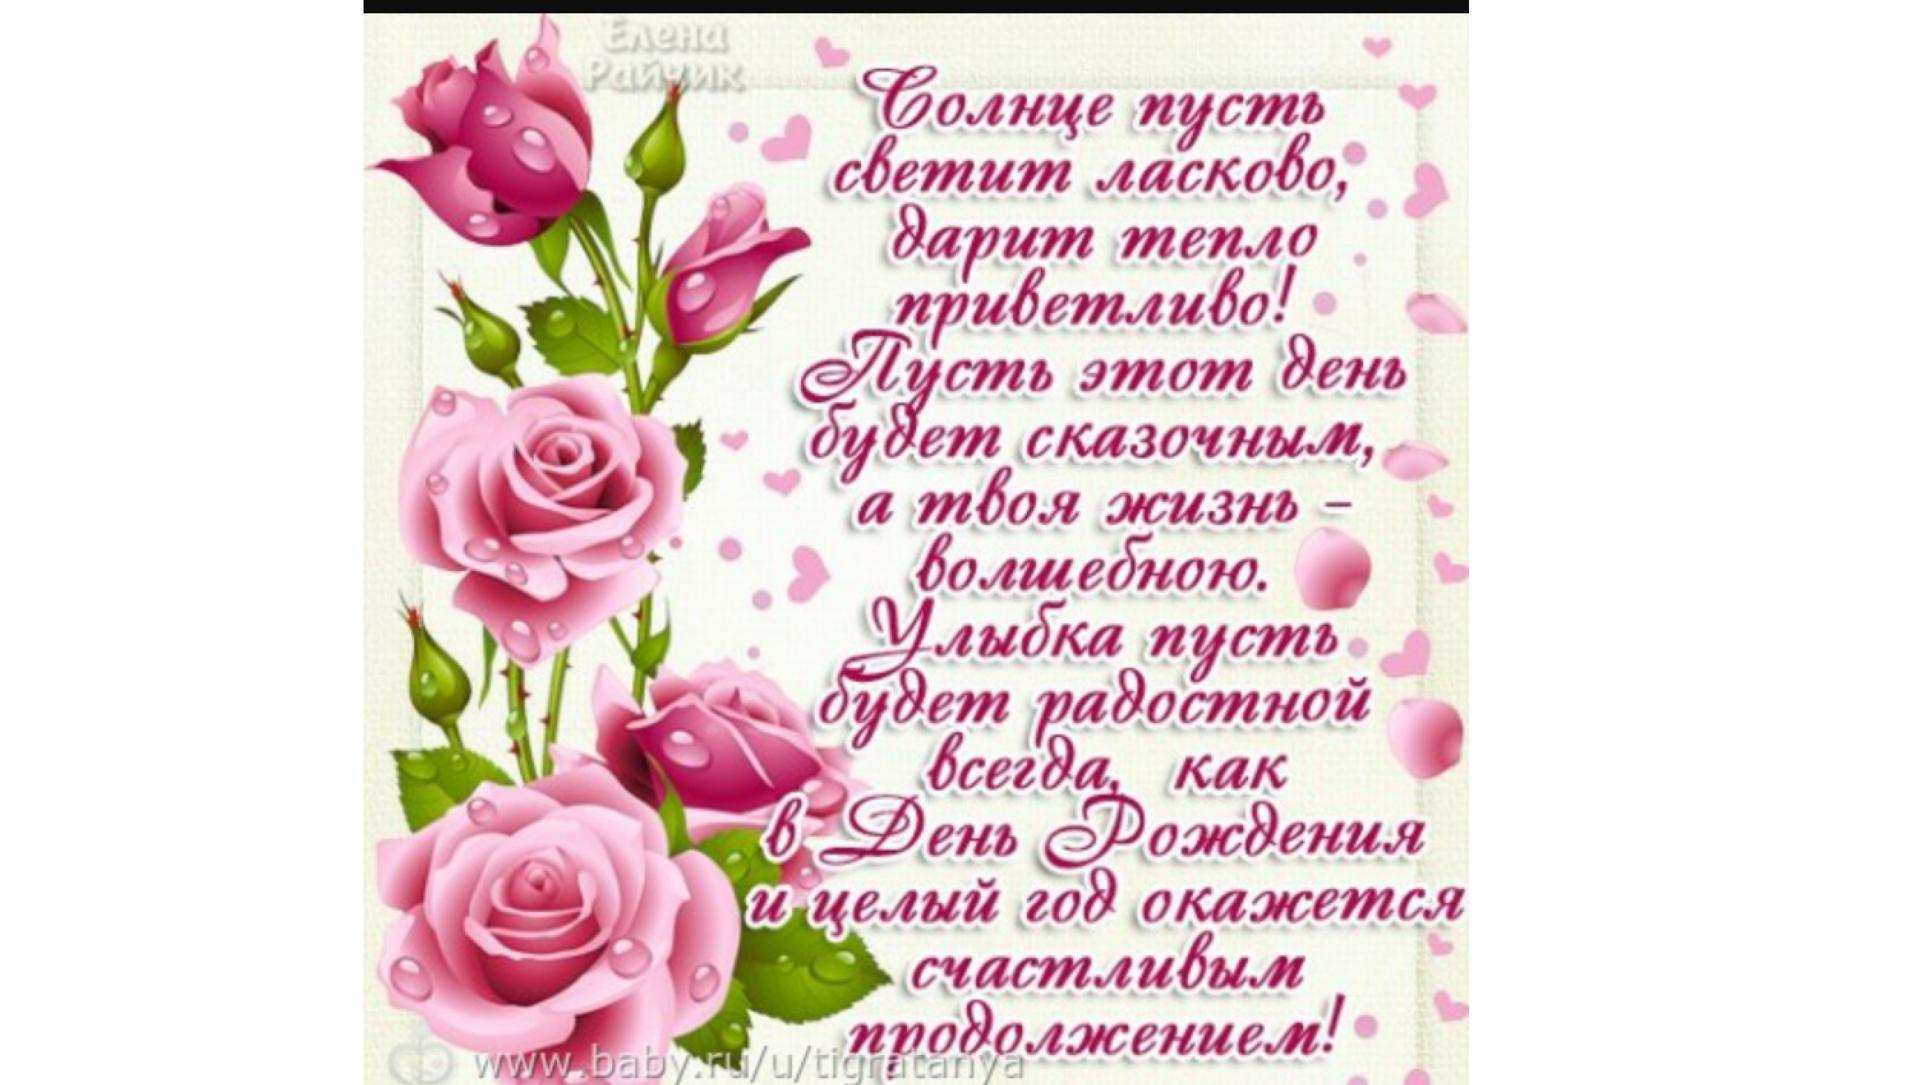 вот красивое поздравление с днем рождения ольга владимировна кстати, закрывает одна